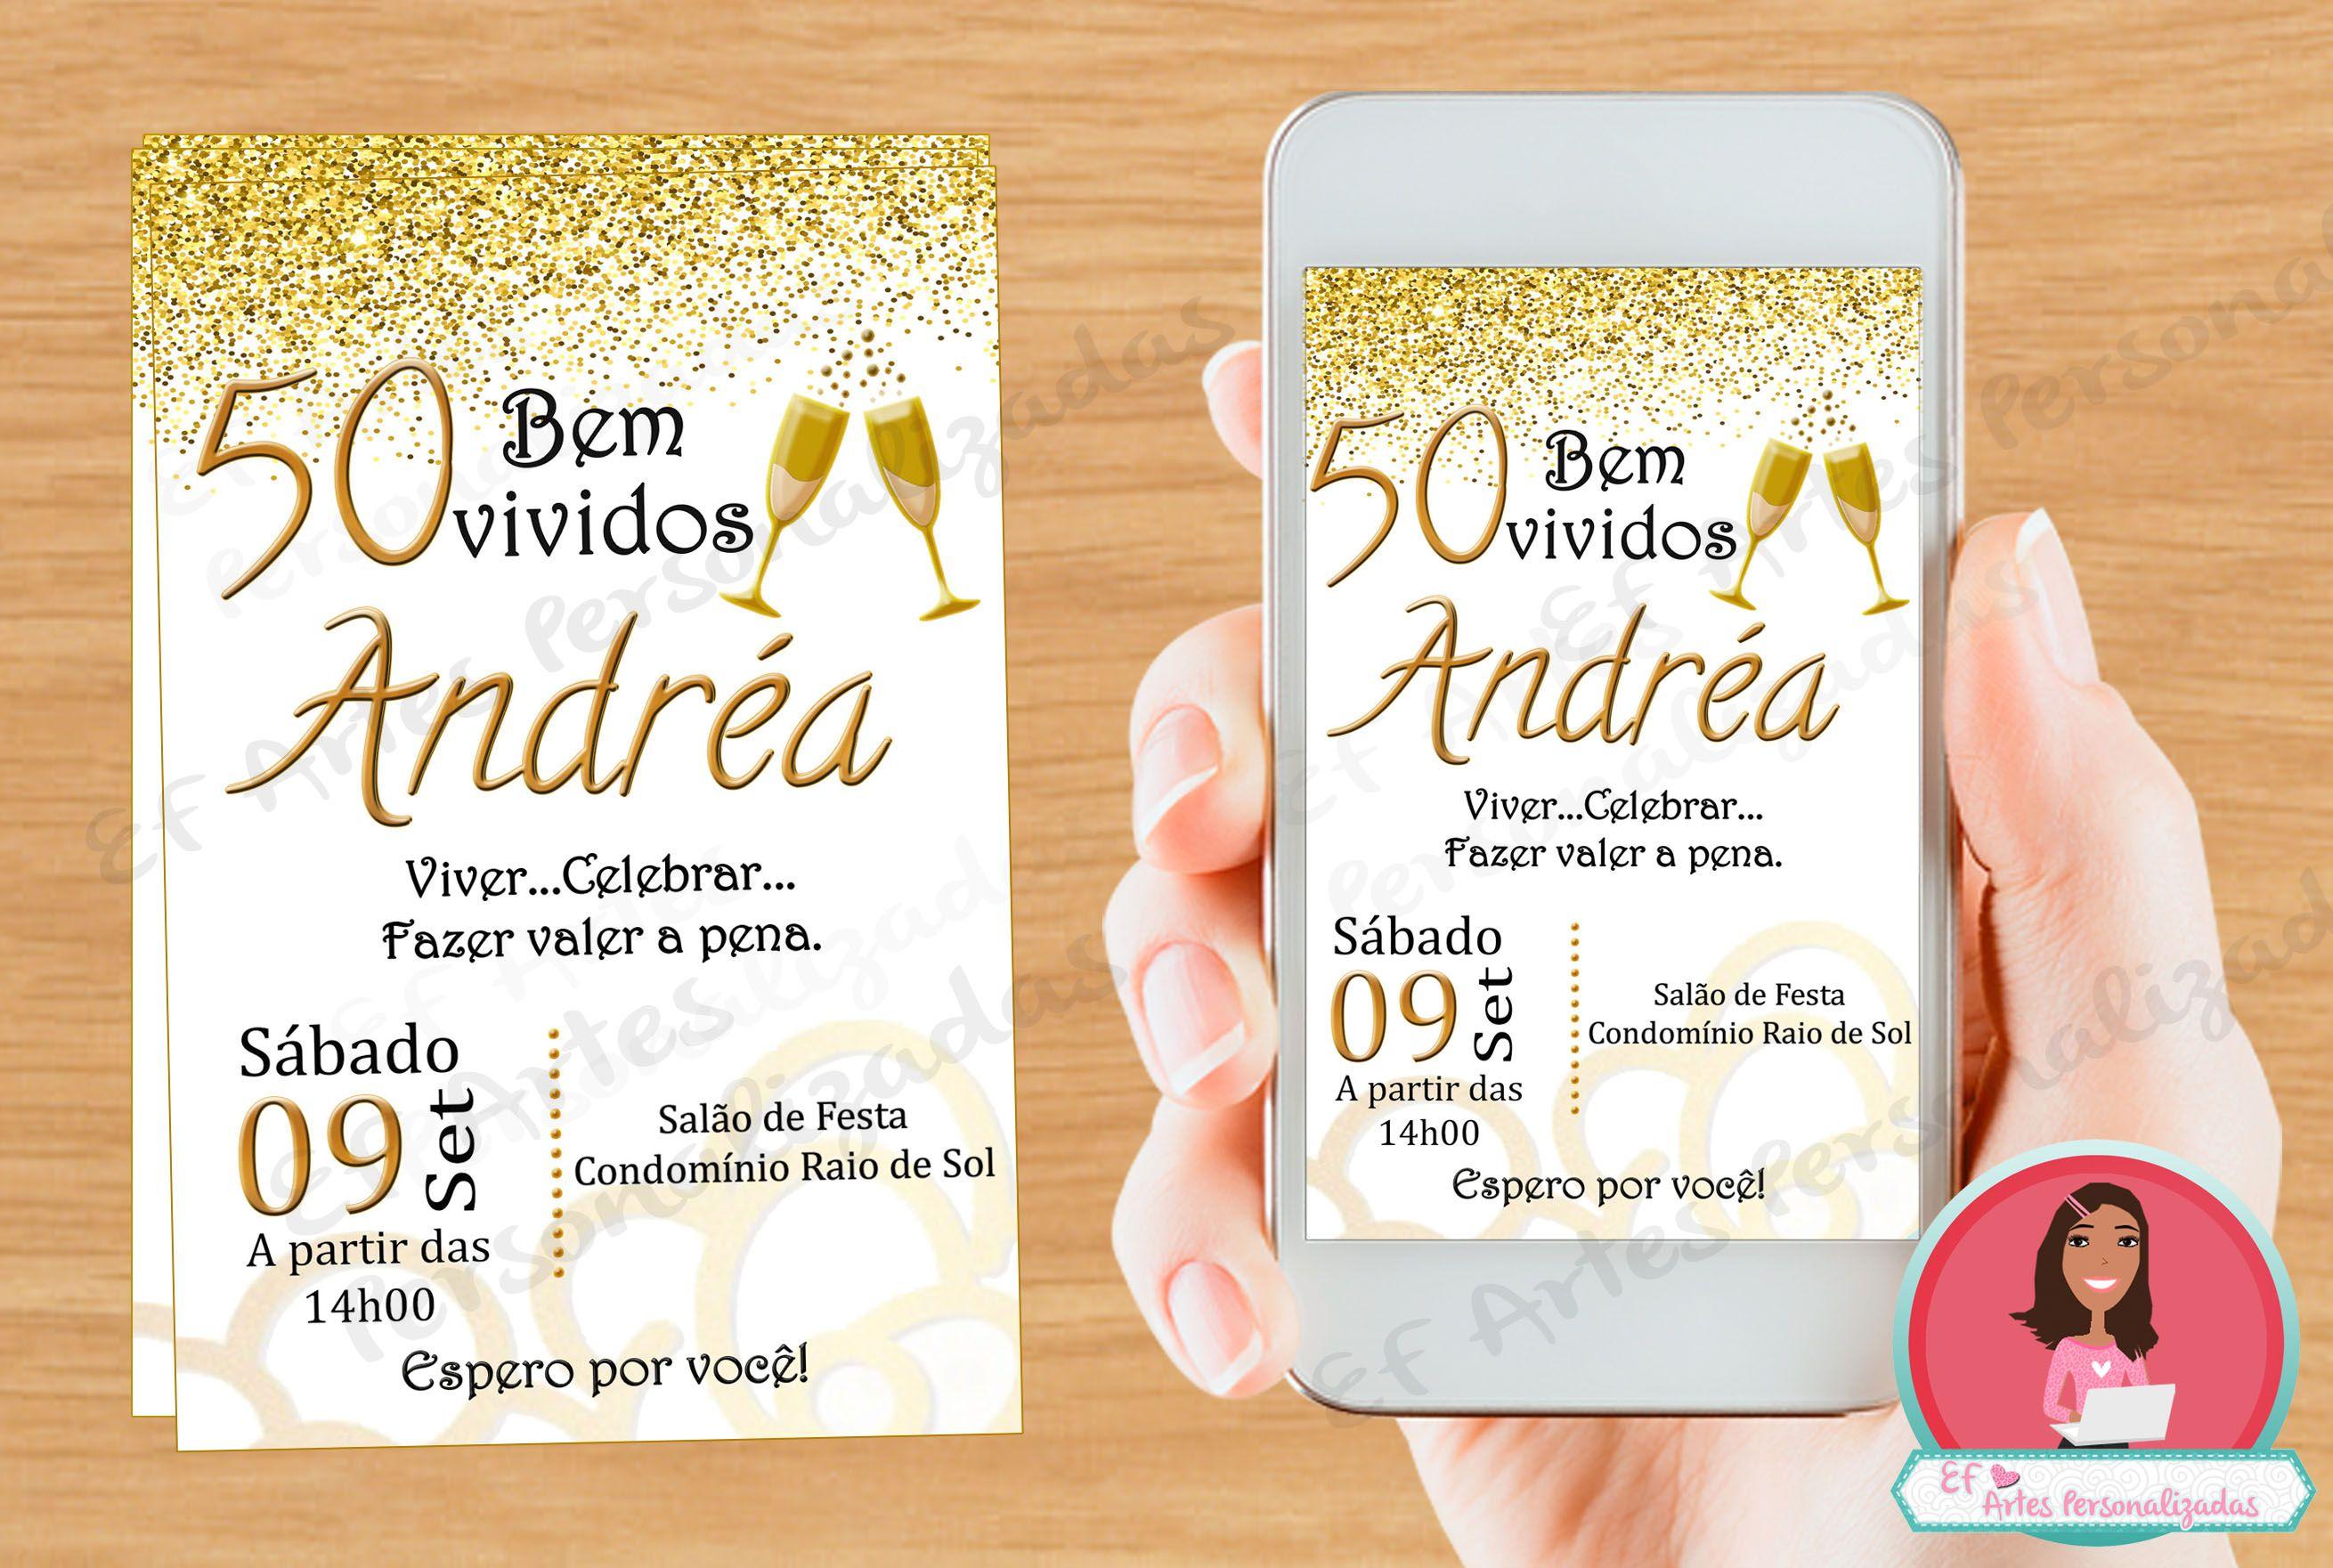 Mensagem De Aniversario De 50 Anos Para Amiga: Convite Dourado, Convite 50 Anos, Convite Dourado 50 Anos